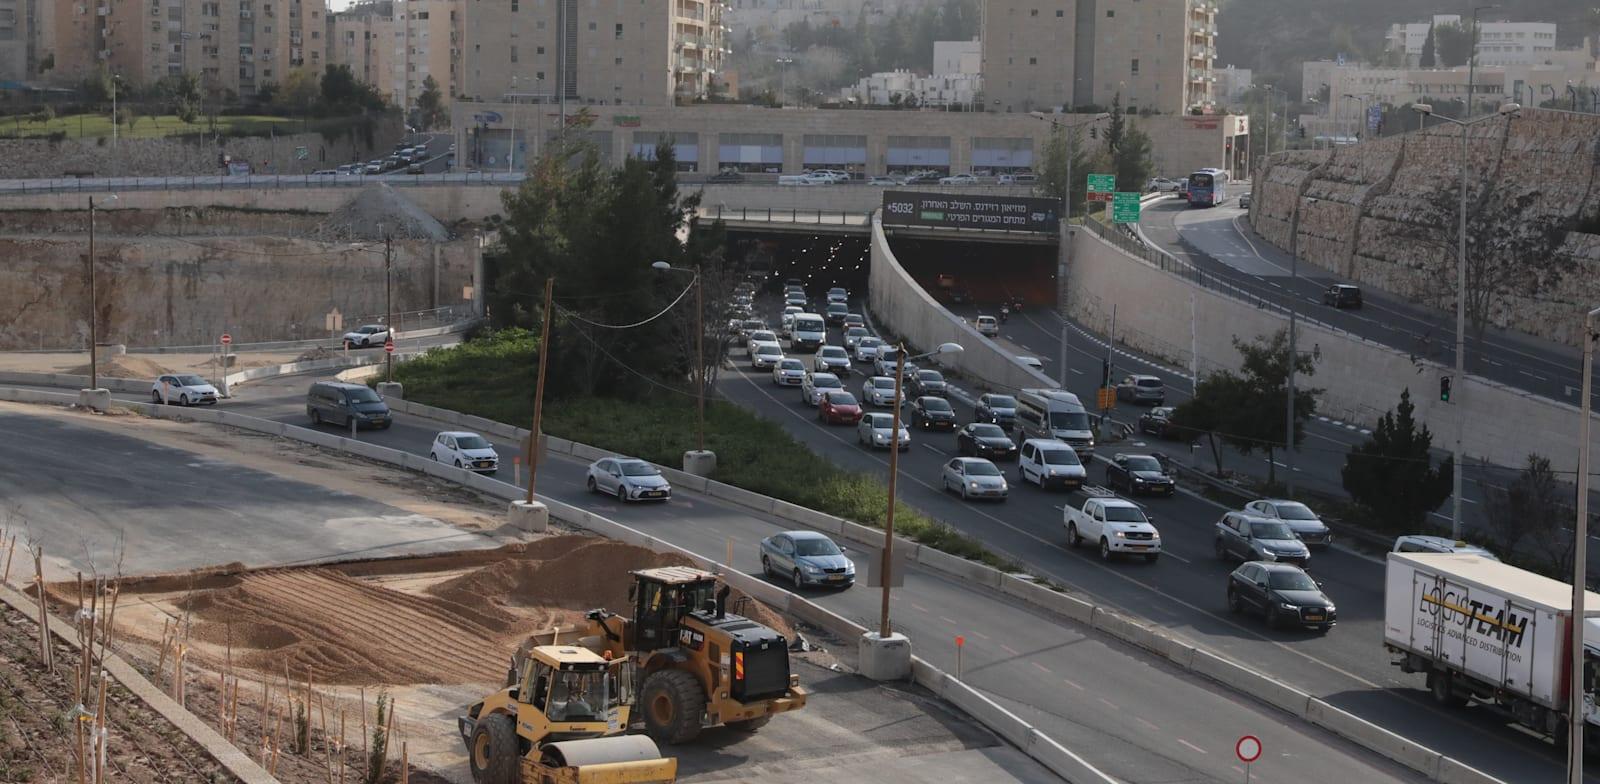 צומת שמואל בייט, ירושלים / צילום: יוסי זמיר